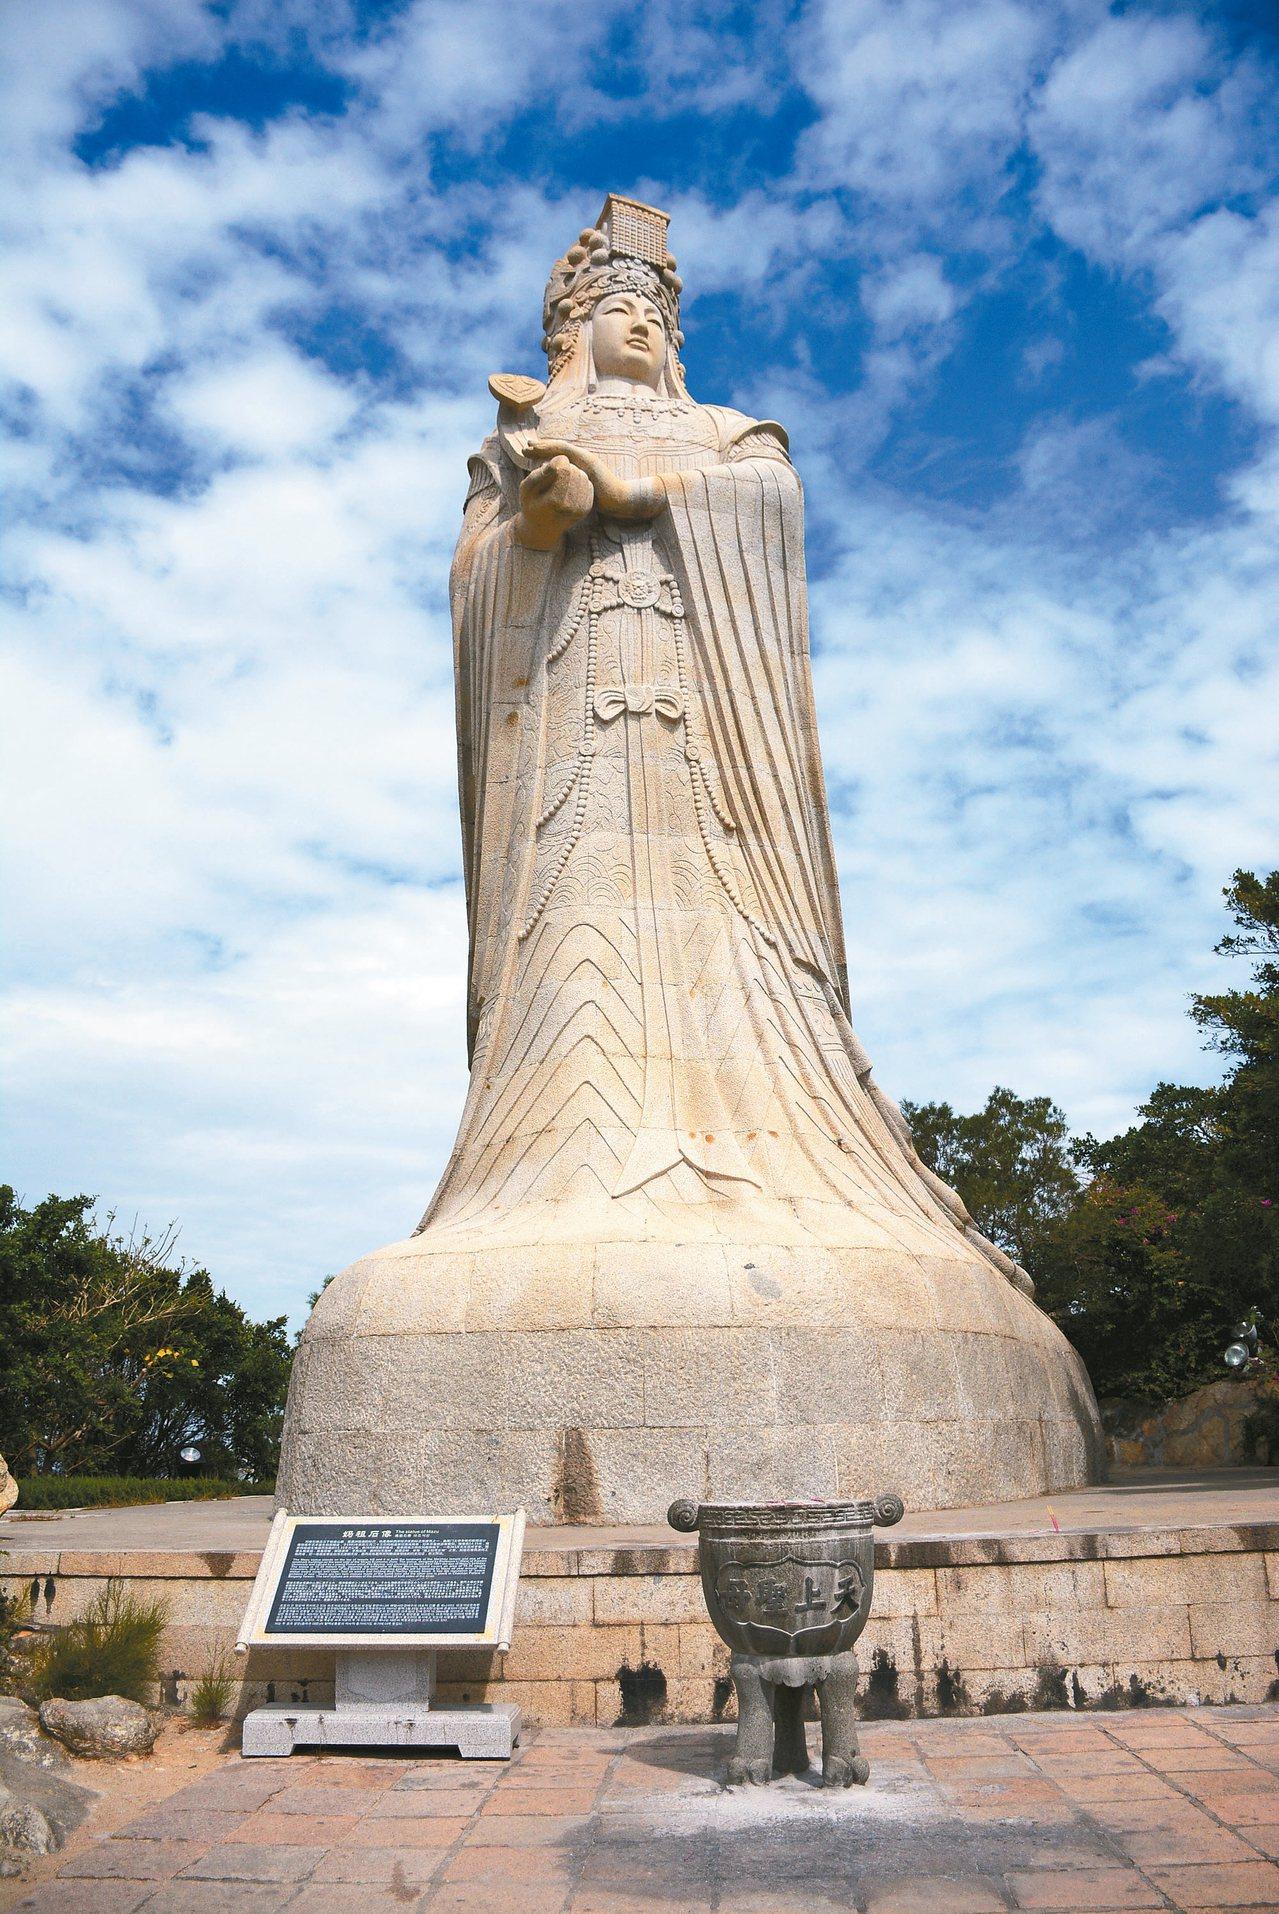 湄洲島最高峰上立著媽祖石雕像,是湄洲島的觀光標誌。 記者樊德平/攝影